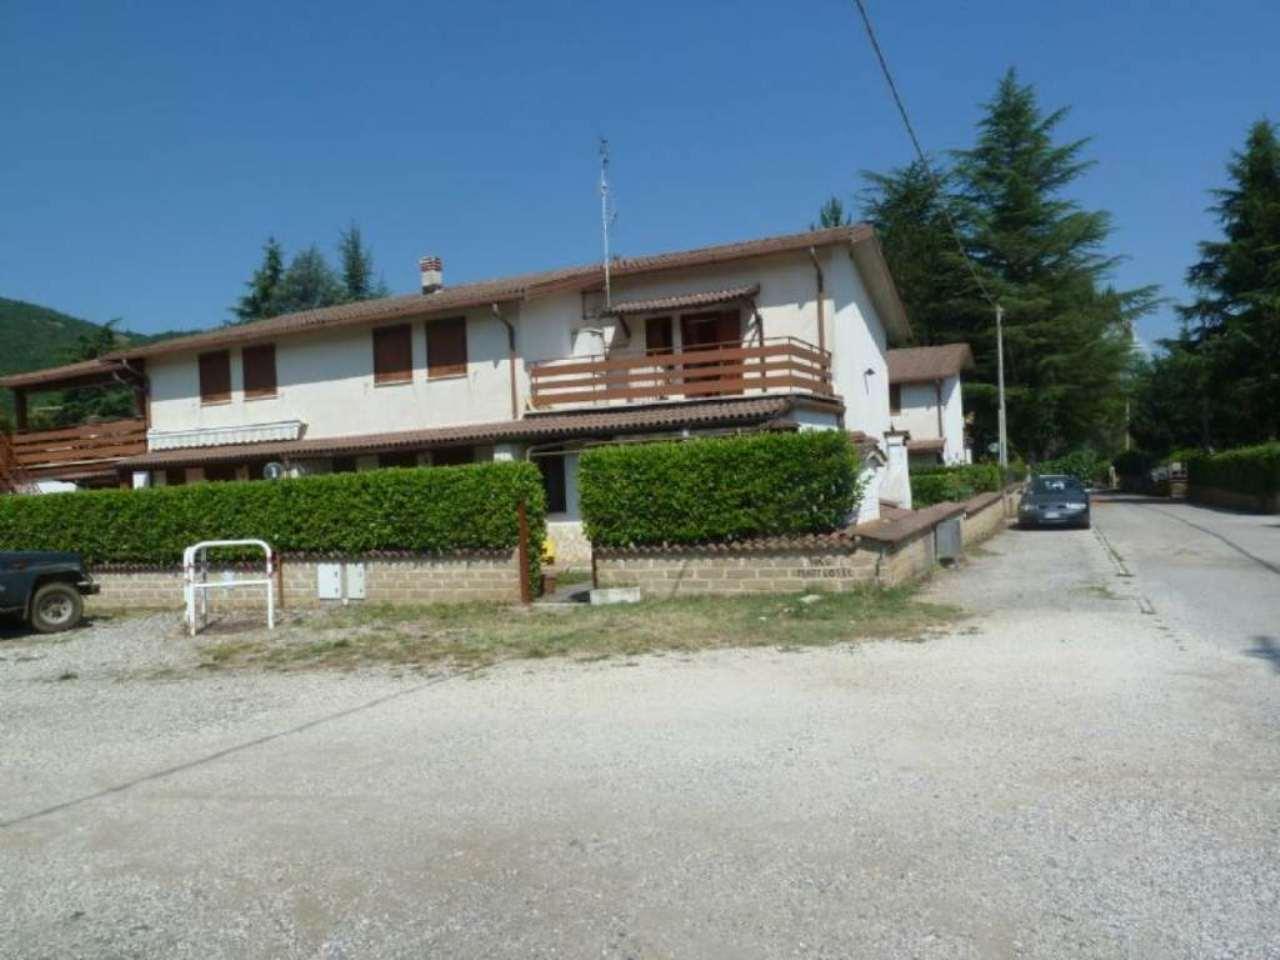 Soluzione Semindipendente in vendita a Rocca di Botte, 5 locali, prezzo € 89.000 | Cambio Casa.it